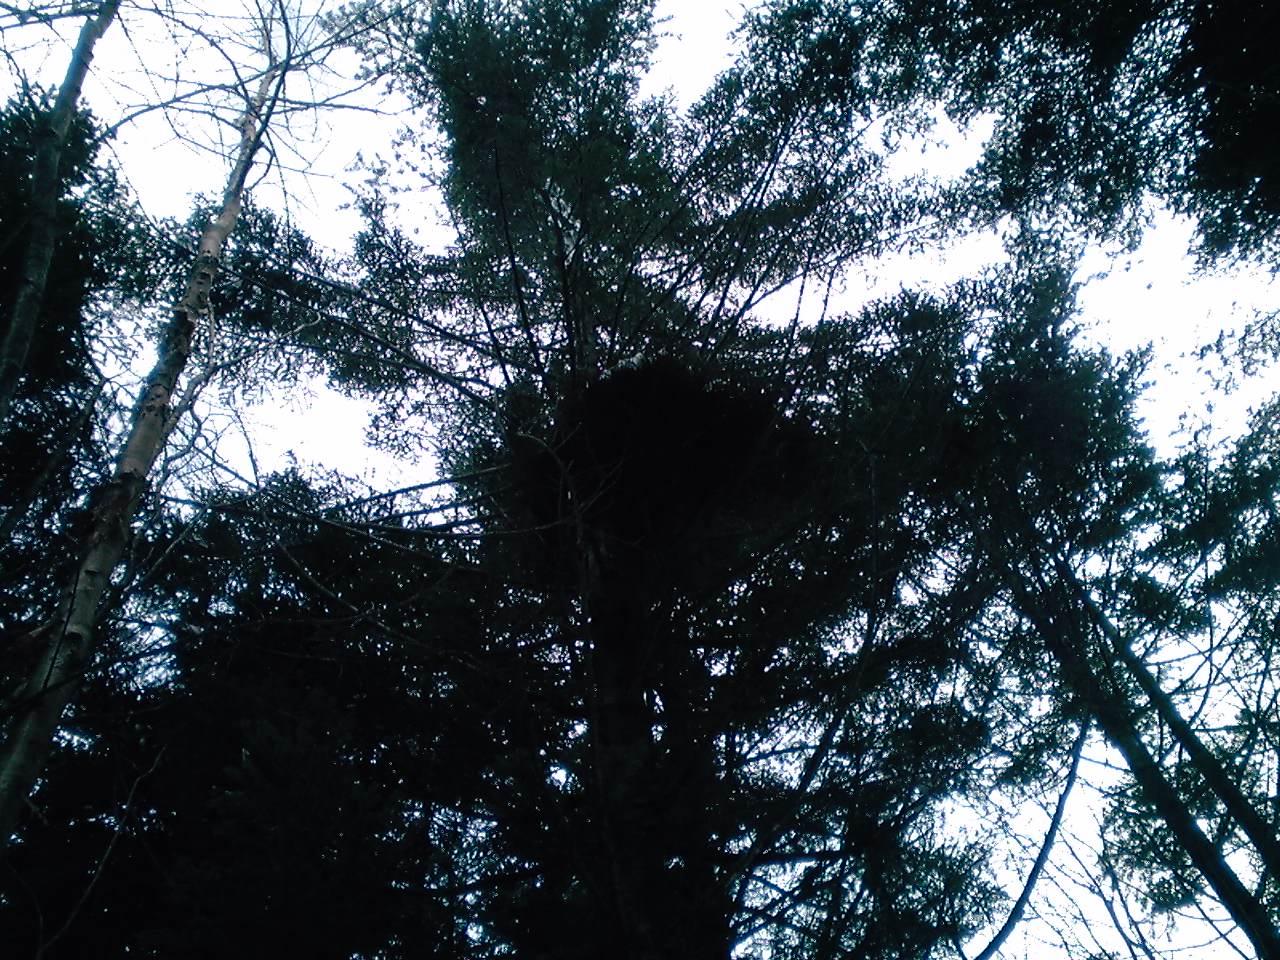 鳥の巣_e0155231_1955624.jpg